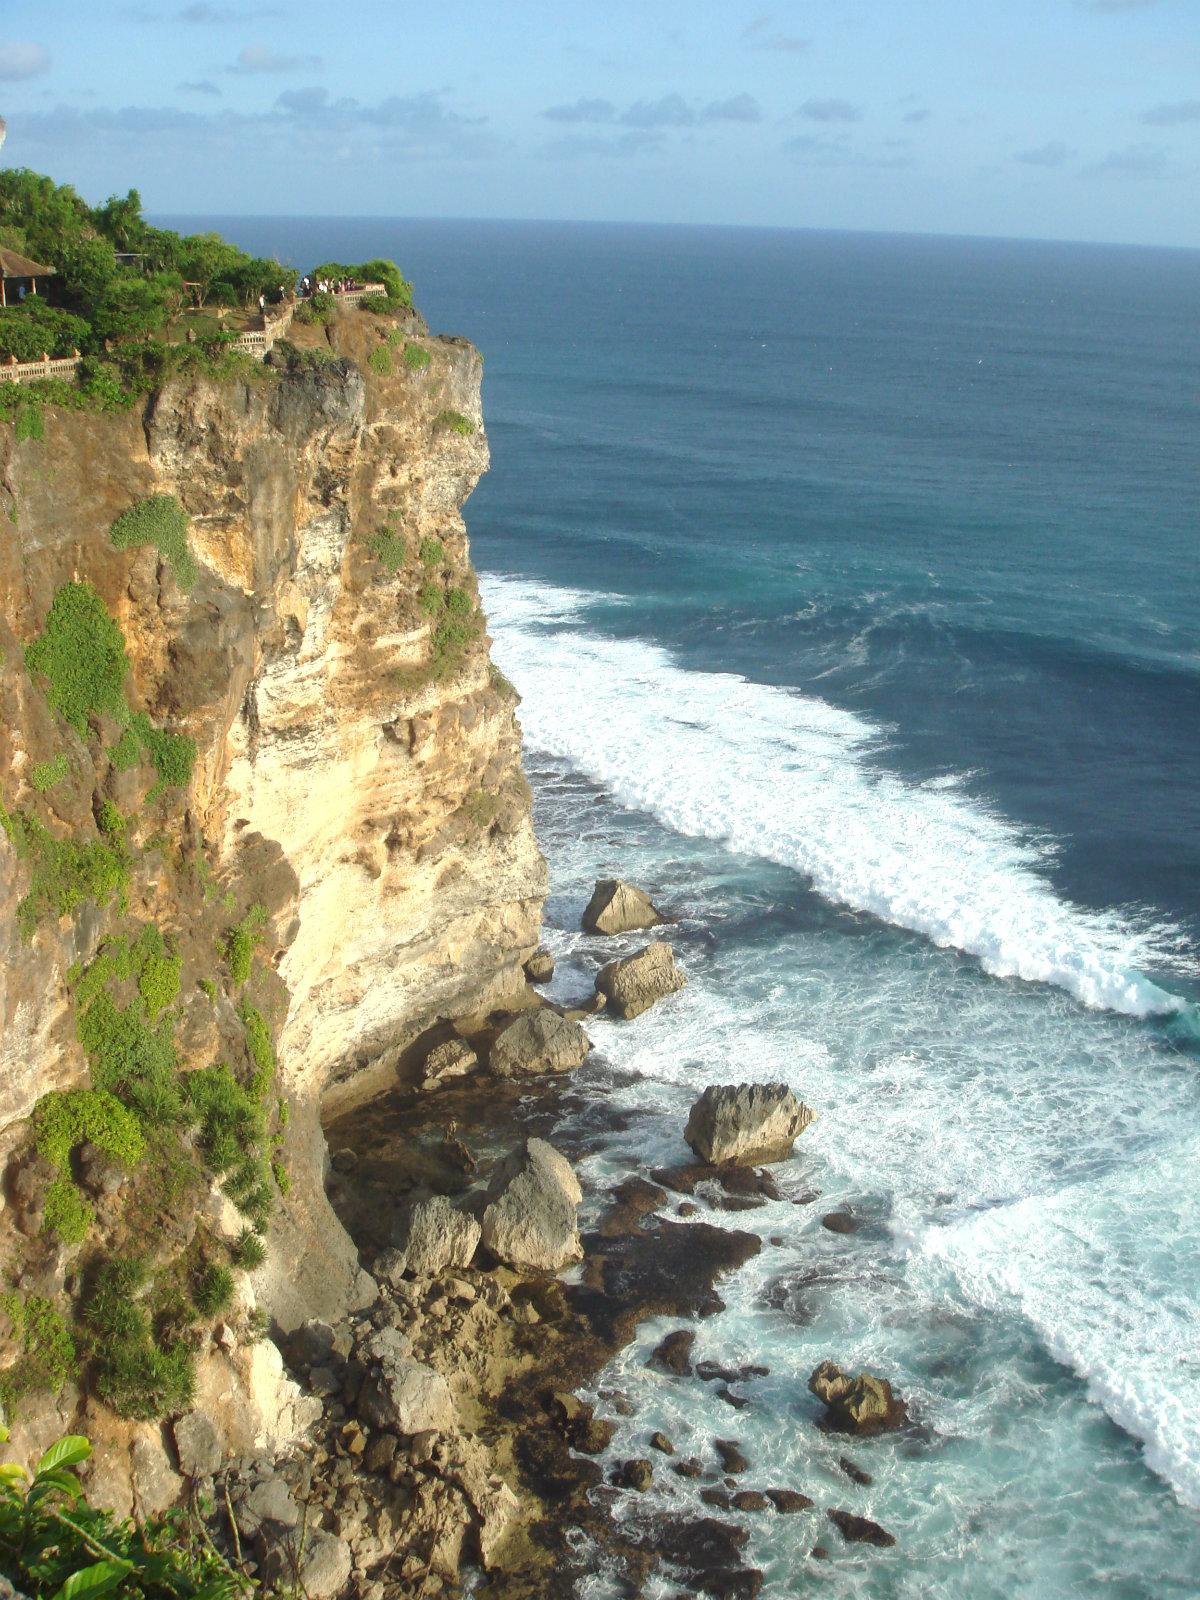 Bukit Peninsula